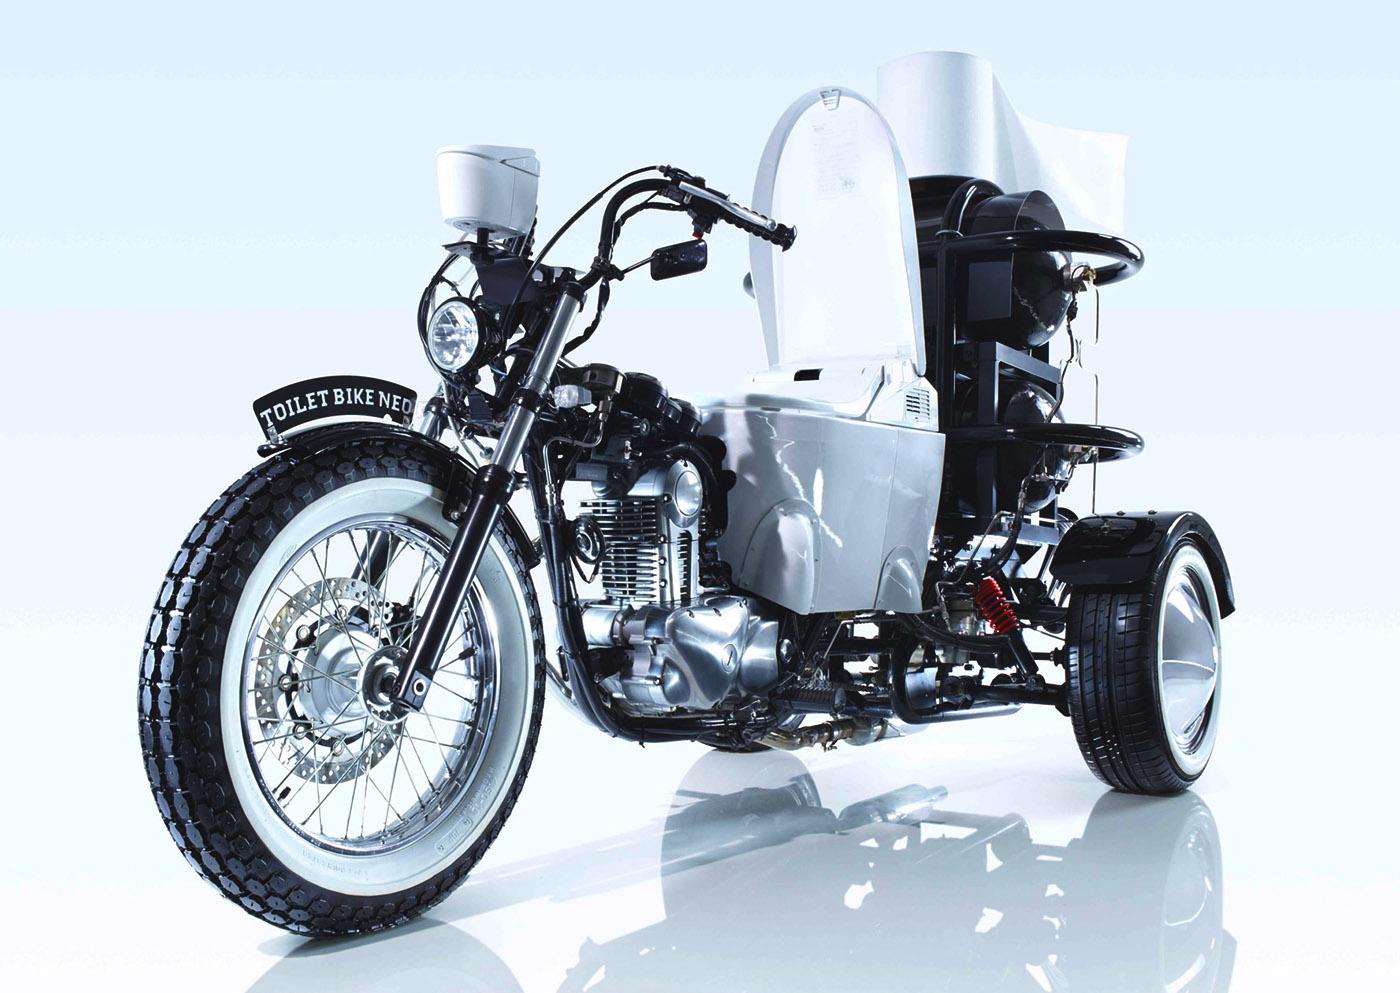 ۳-Toilet-Bike-Neo-TOTO